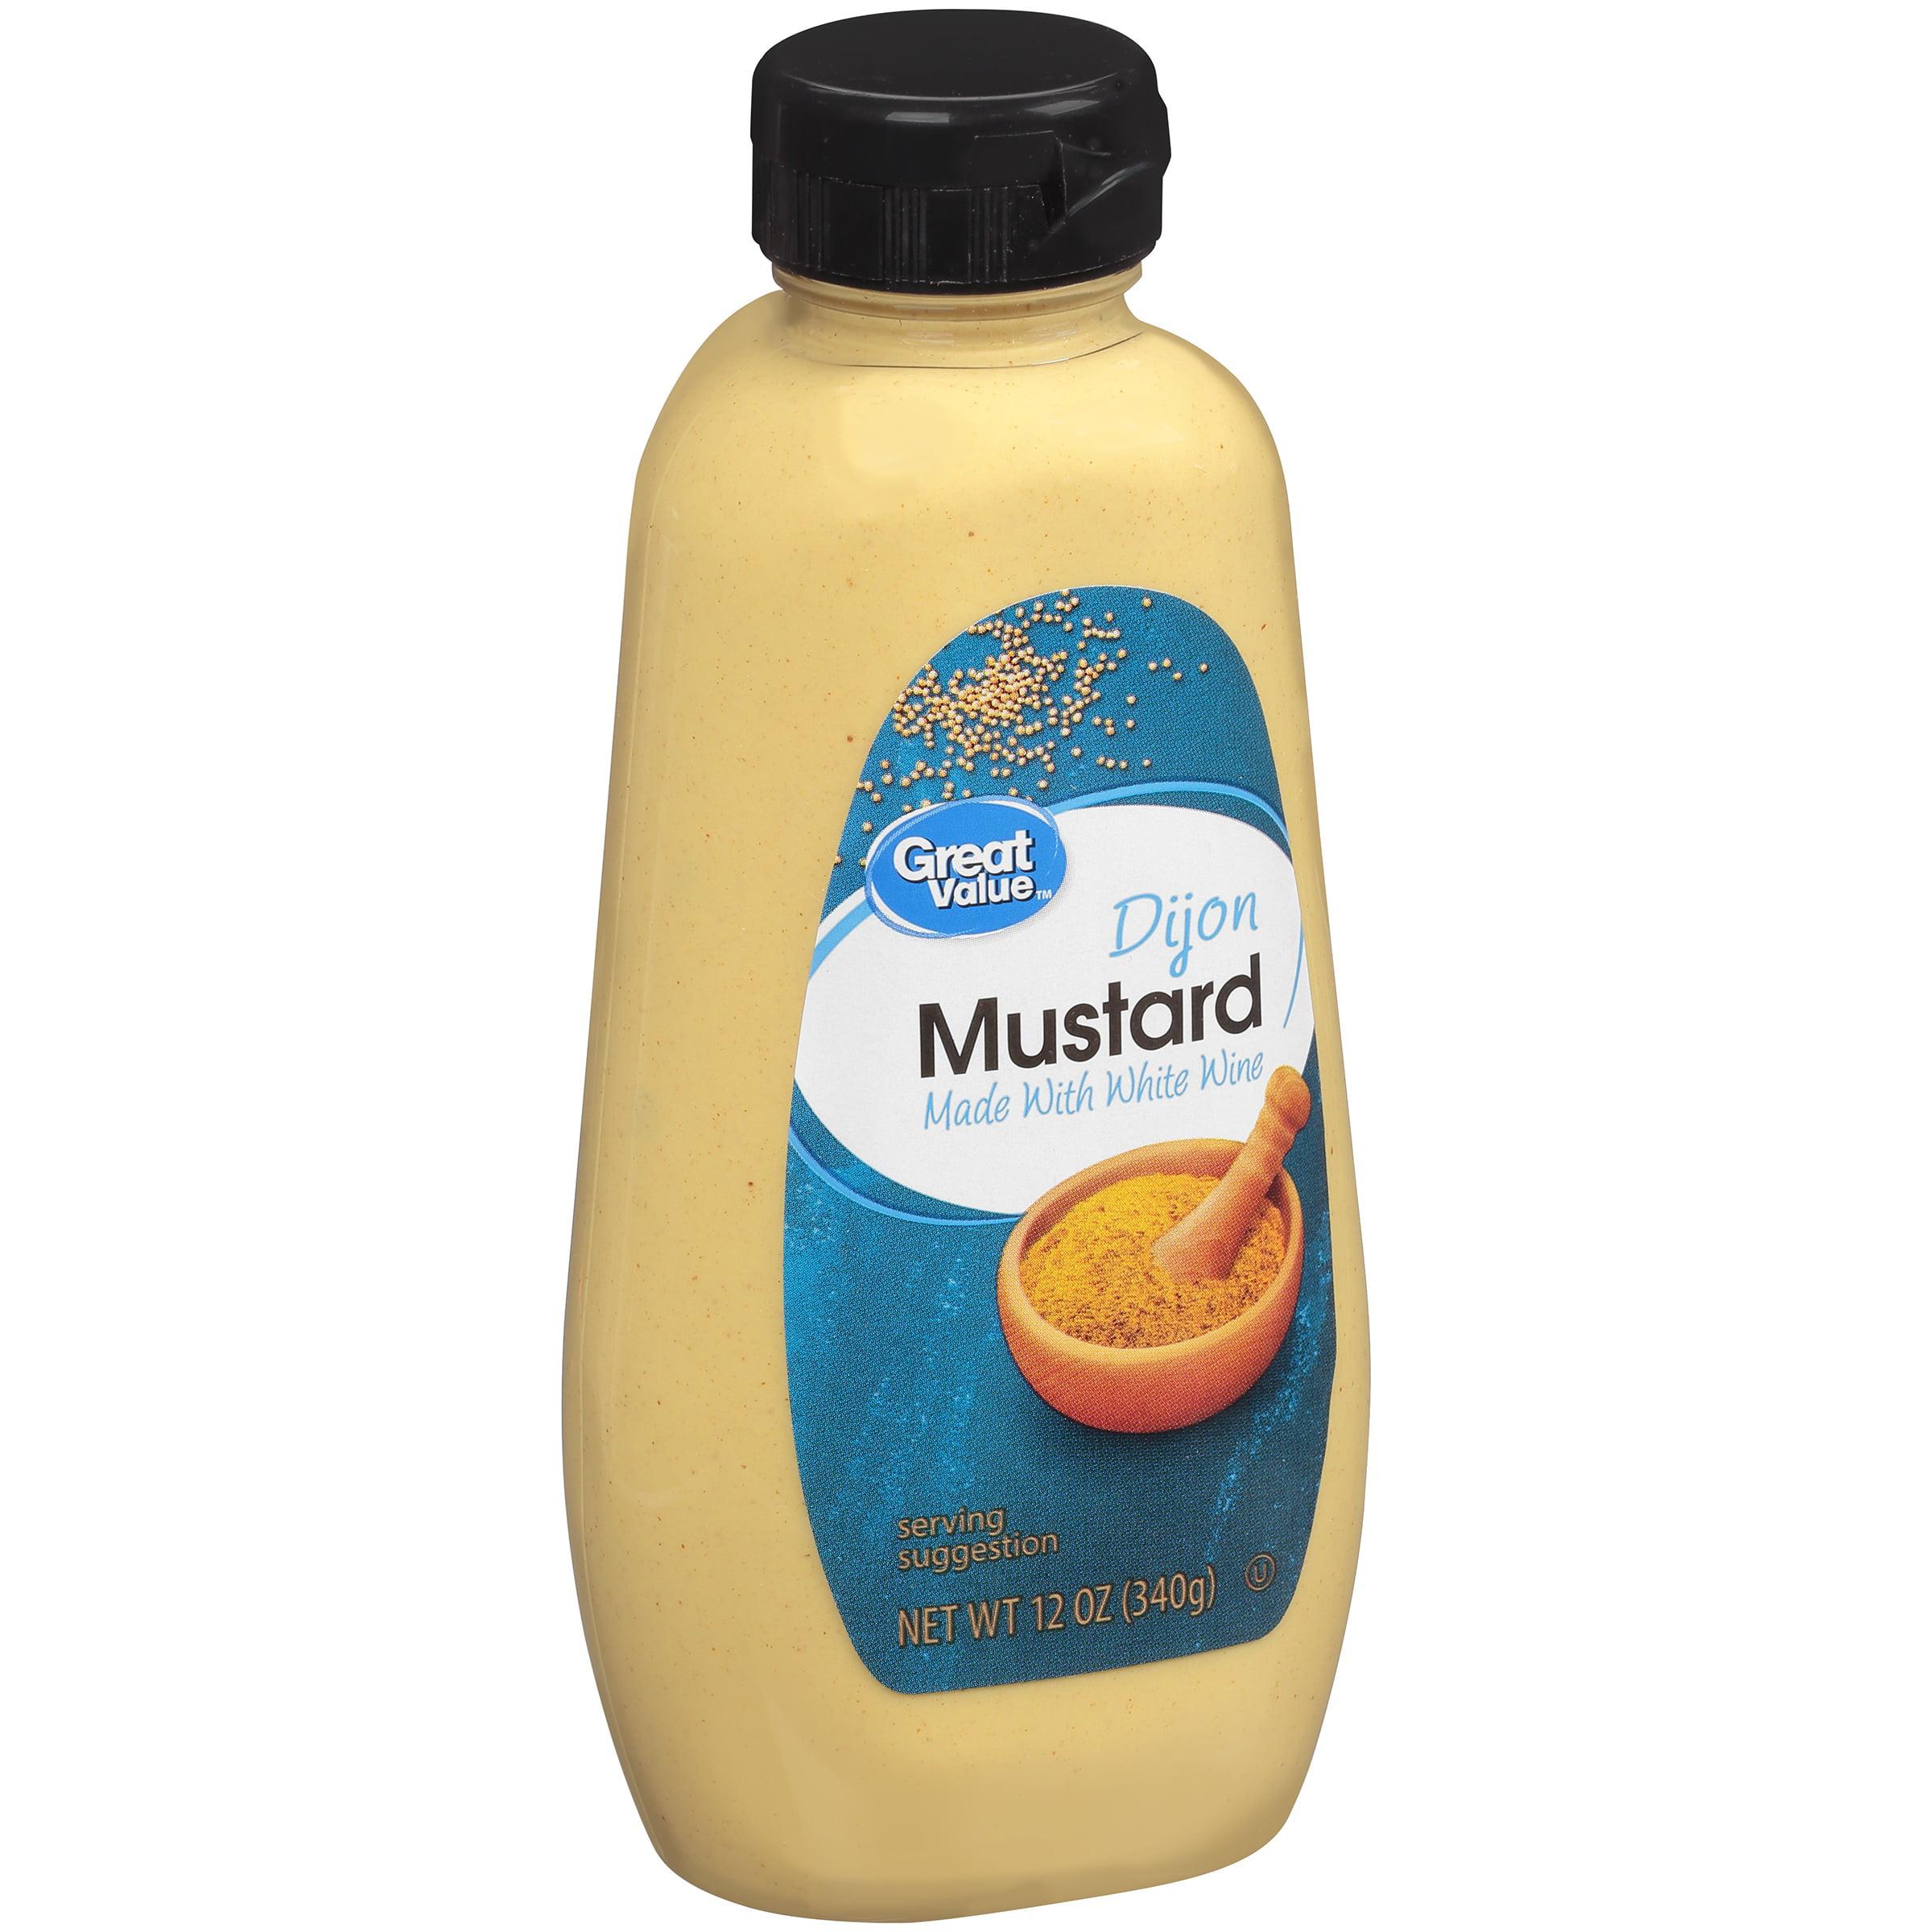 Great Value Dijon Mustard, 12 oz